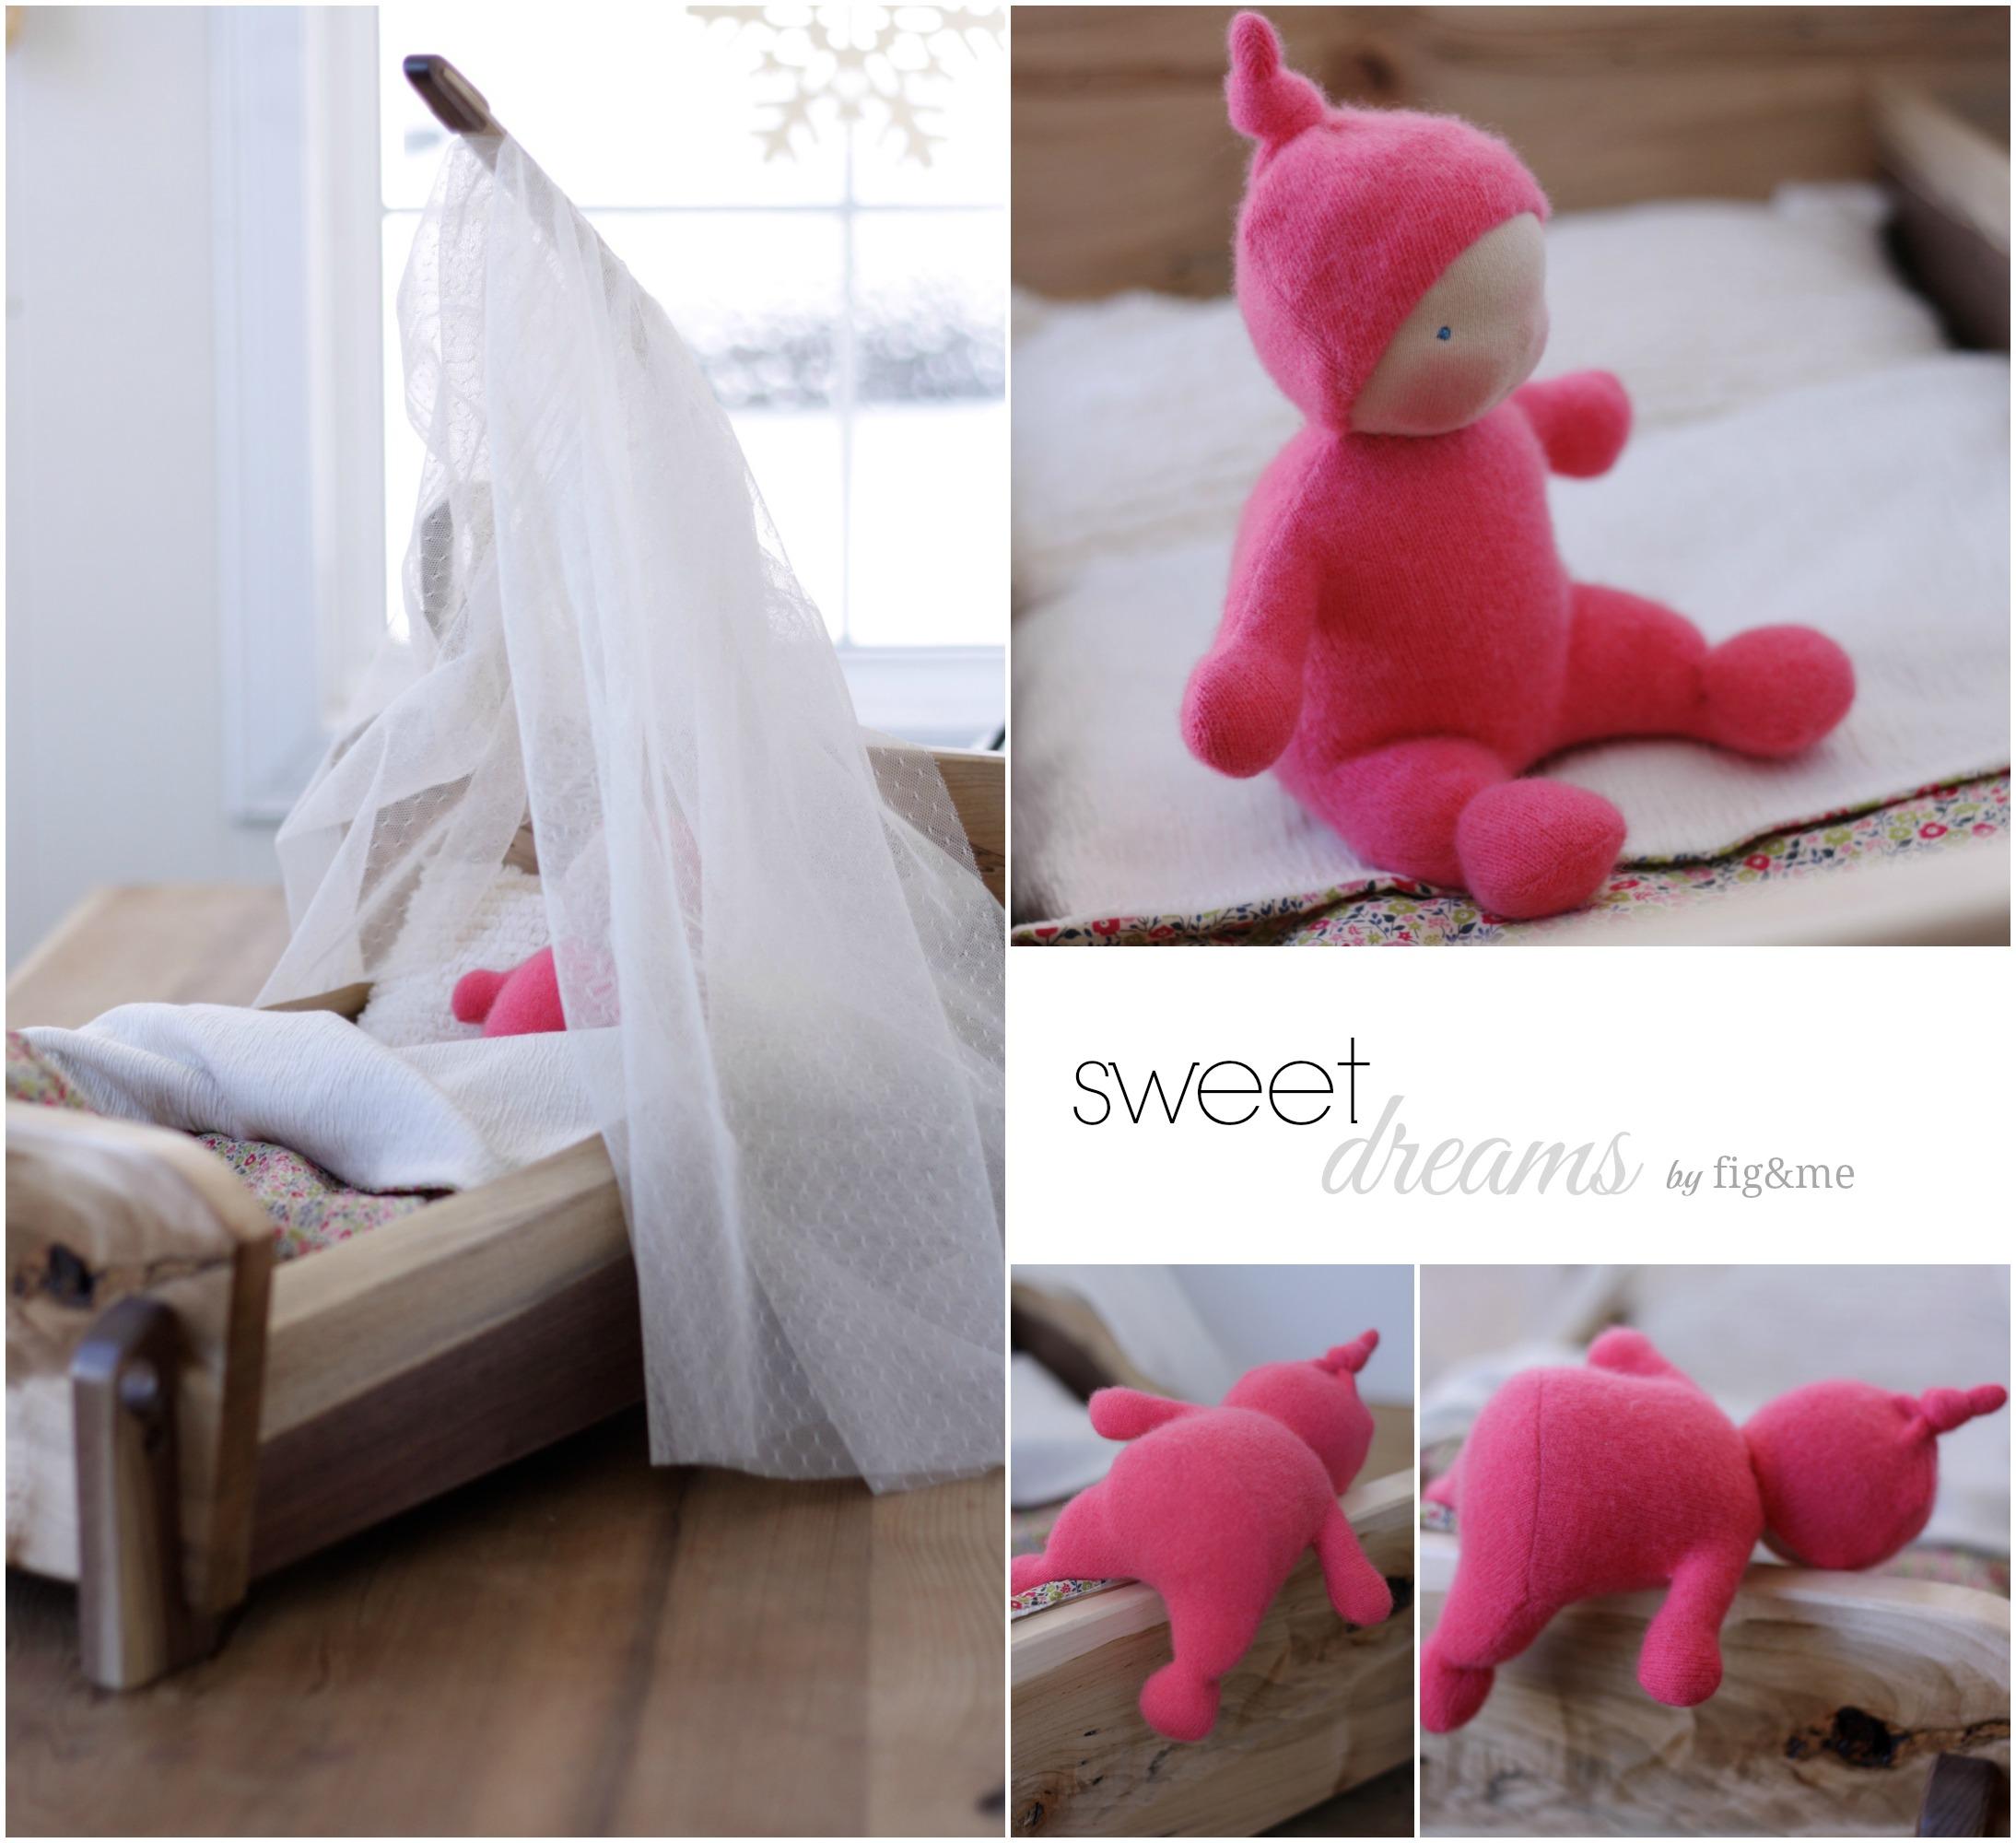 Sweet dreams by Fig&me.